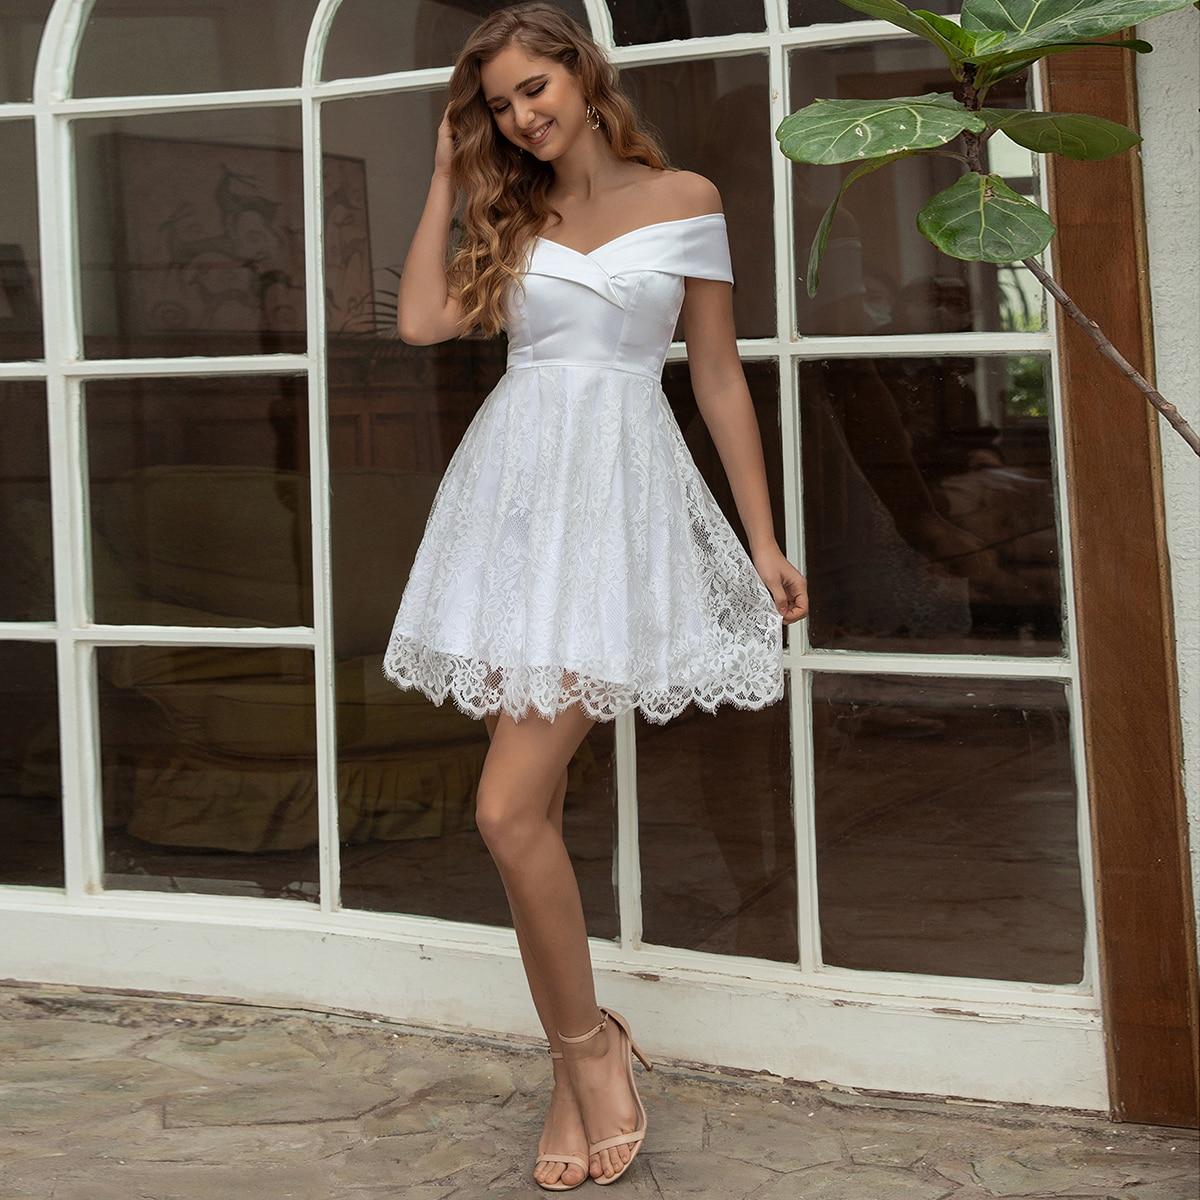 Angel-fashions فستان قصير لحفلات الكوكتيل قصير من الساتان باللون الأبيض على شكل حرف a من الدانتيل بالورود للنساء موضة 668s